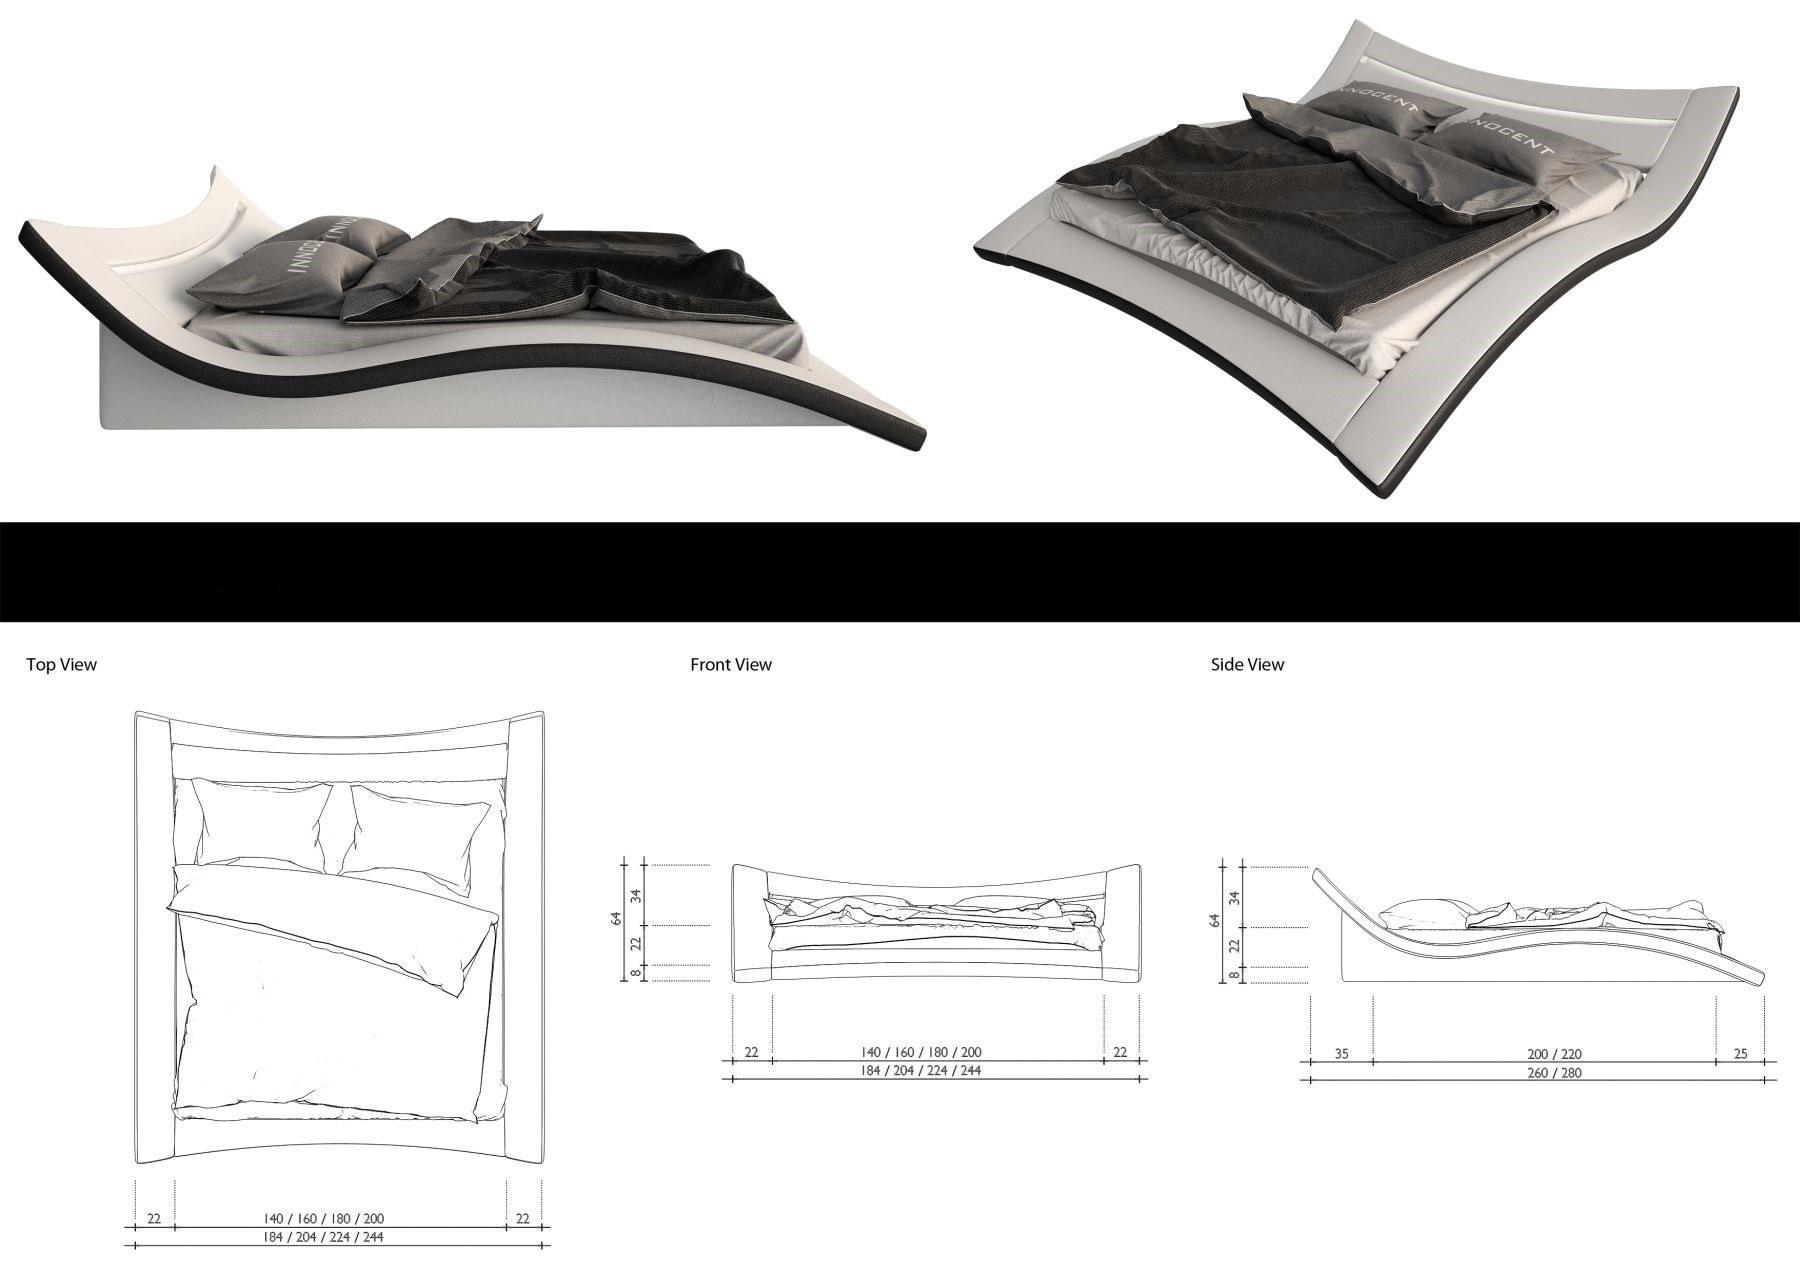 modernes wasserbett weiss schwarz ancona komplett set mit led beleuchtung kaufen bei pmr. Black Bedroom Furniture Sets. Home Design Ideas